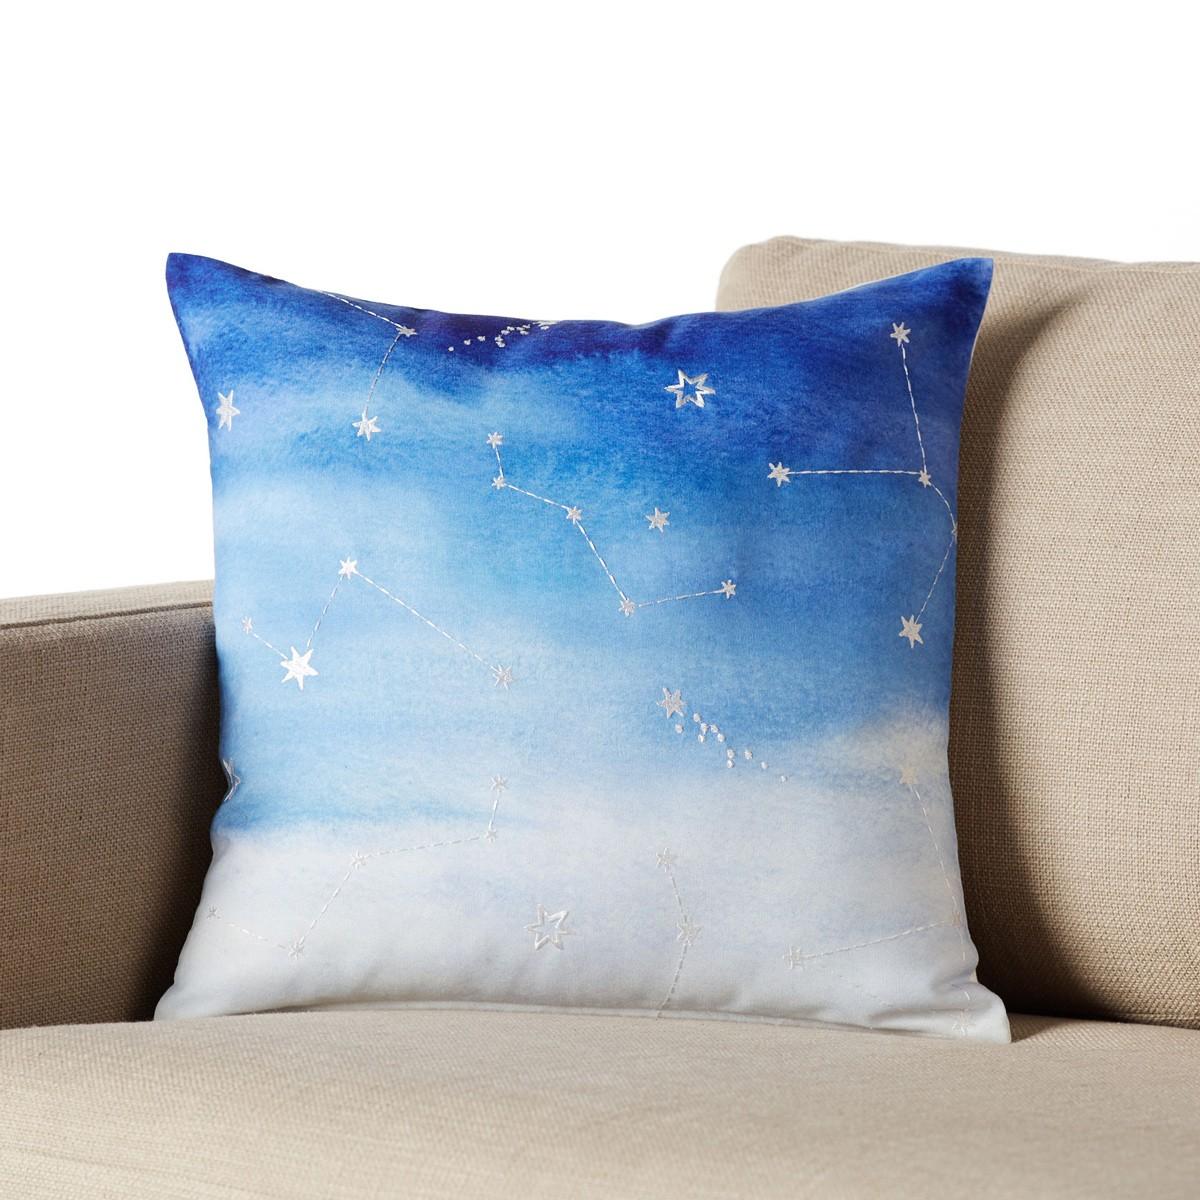 Διακοσμητική Μαξιλαροθήκη Gofis Home Horoscope 640